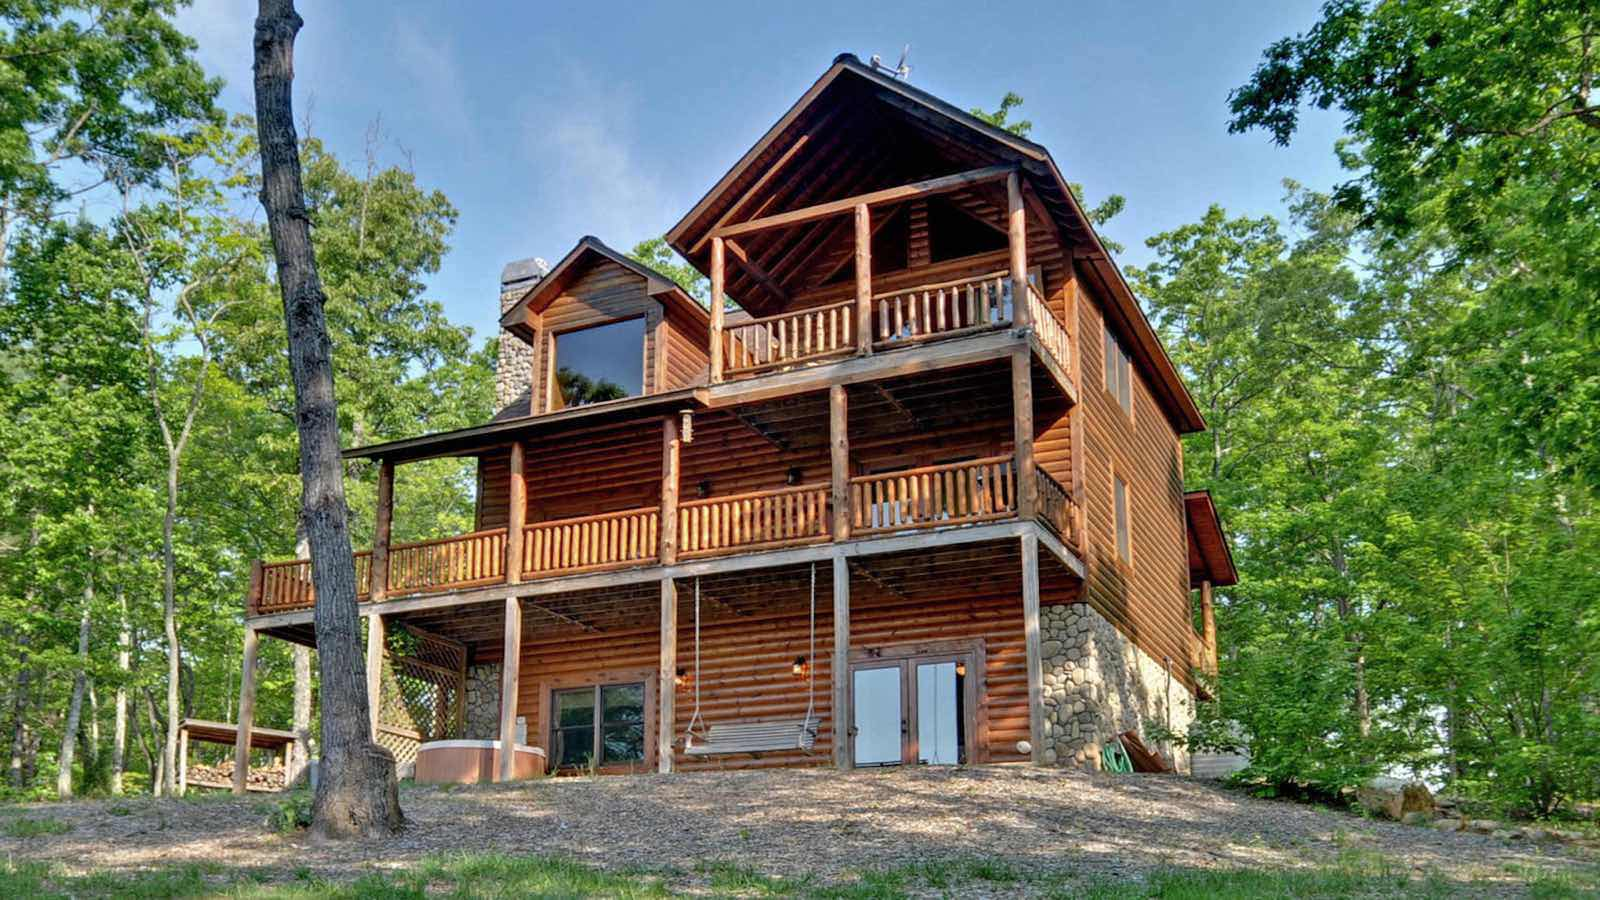 A dancing bear rental cabin blue ridge ga for Blue ridge ga cabins for rent